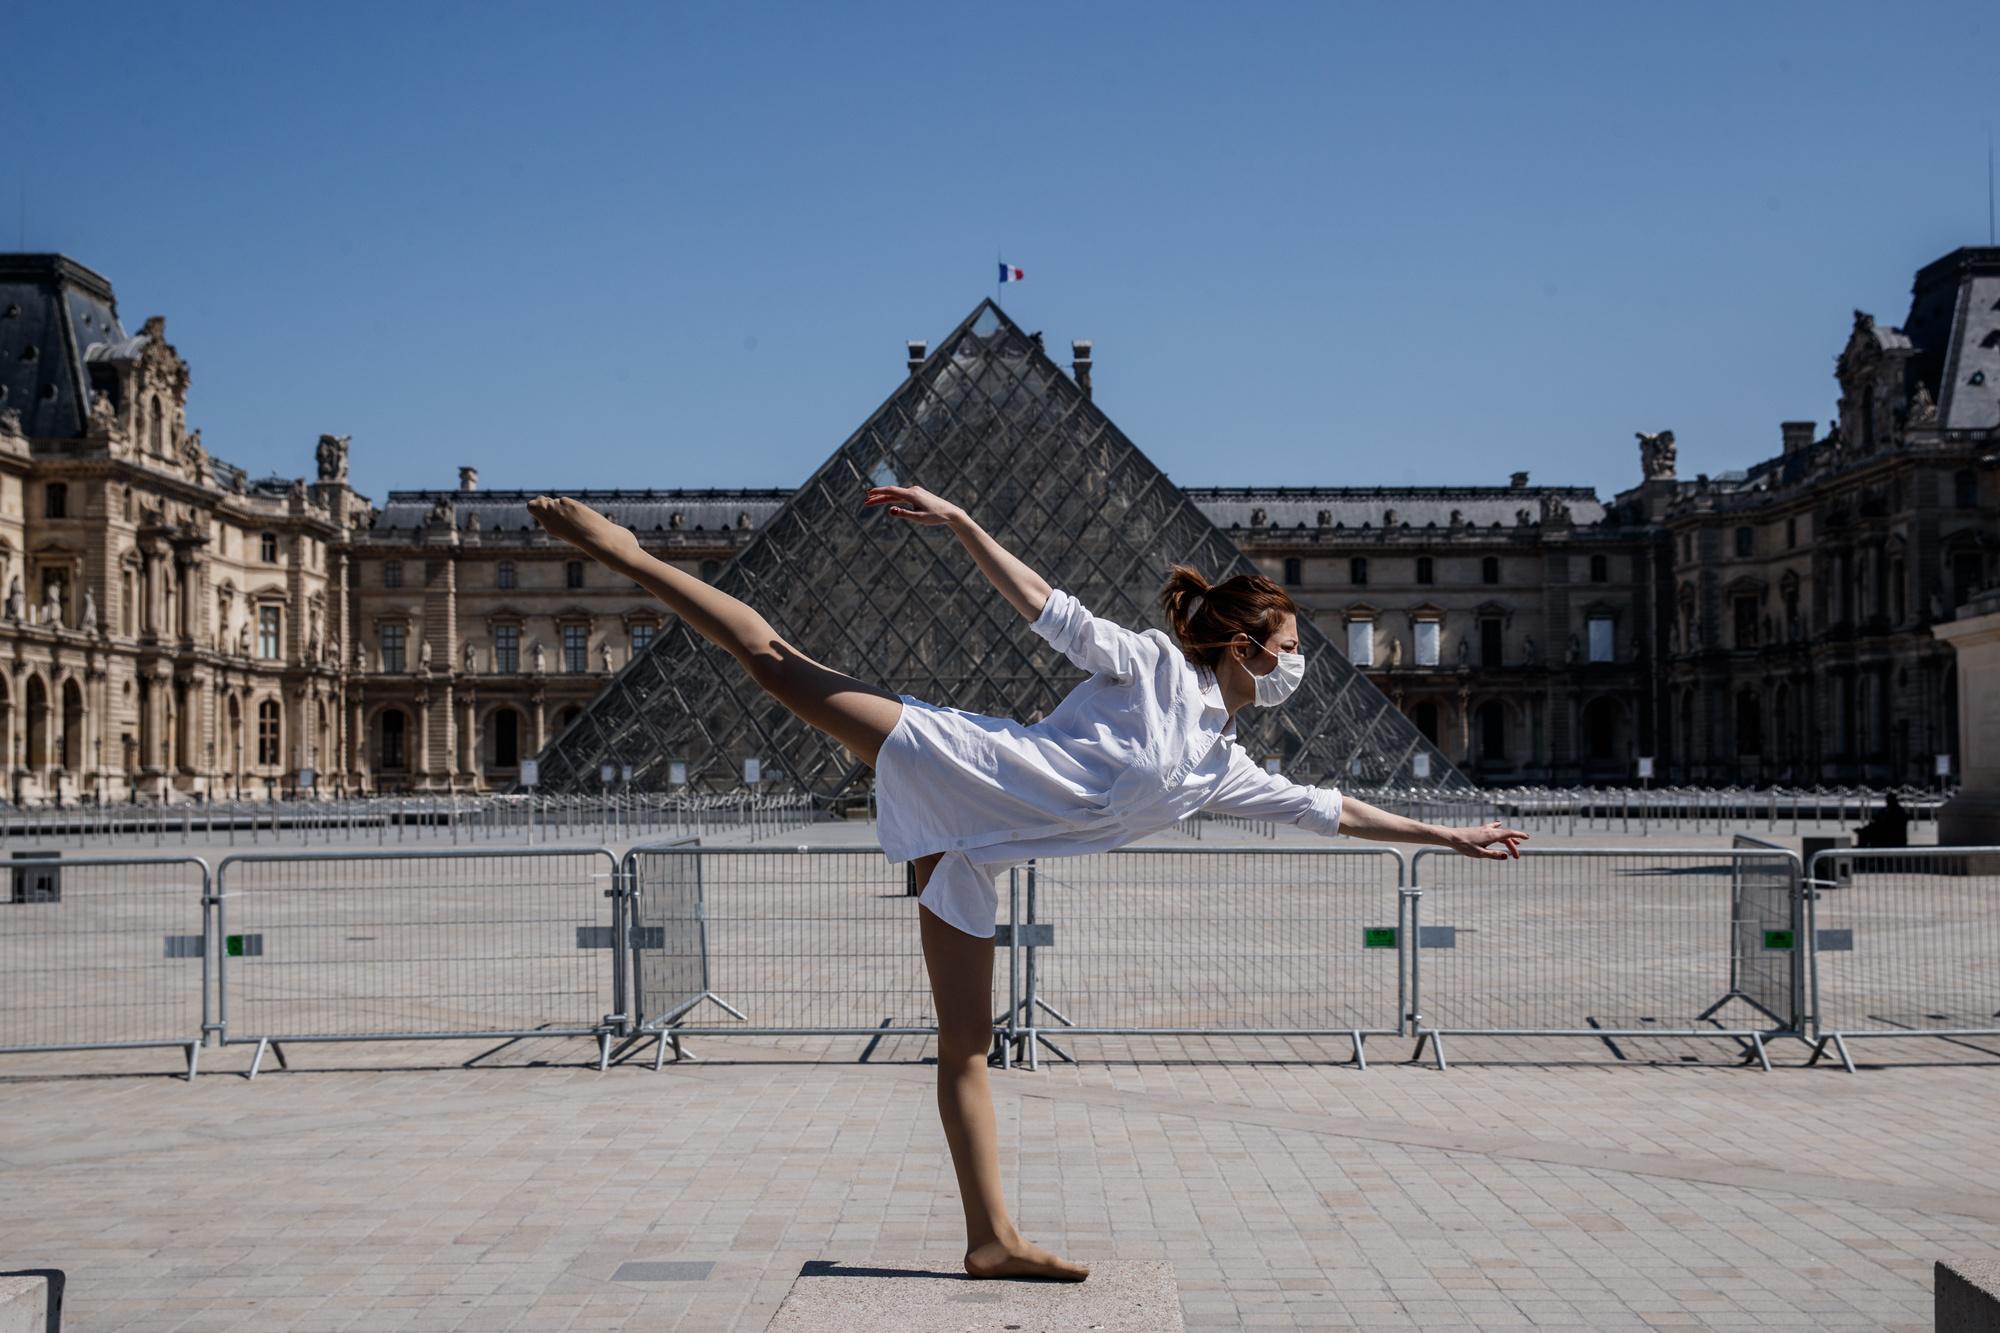 Yara al-Hasbani devant le Louvre, belga